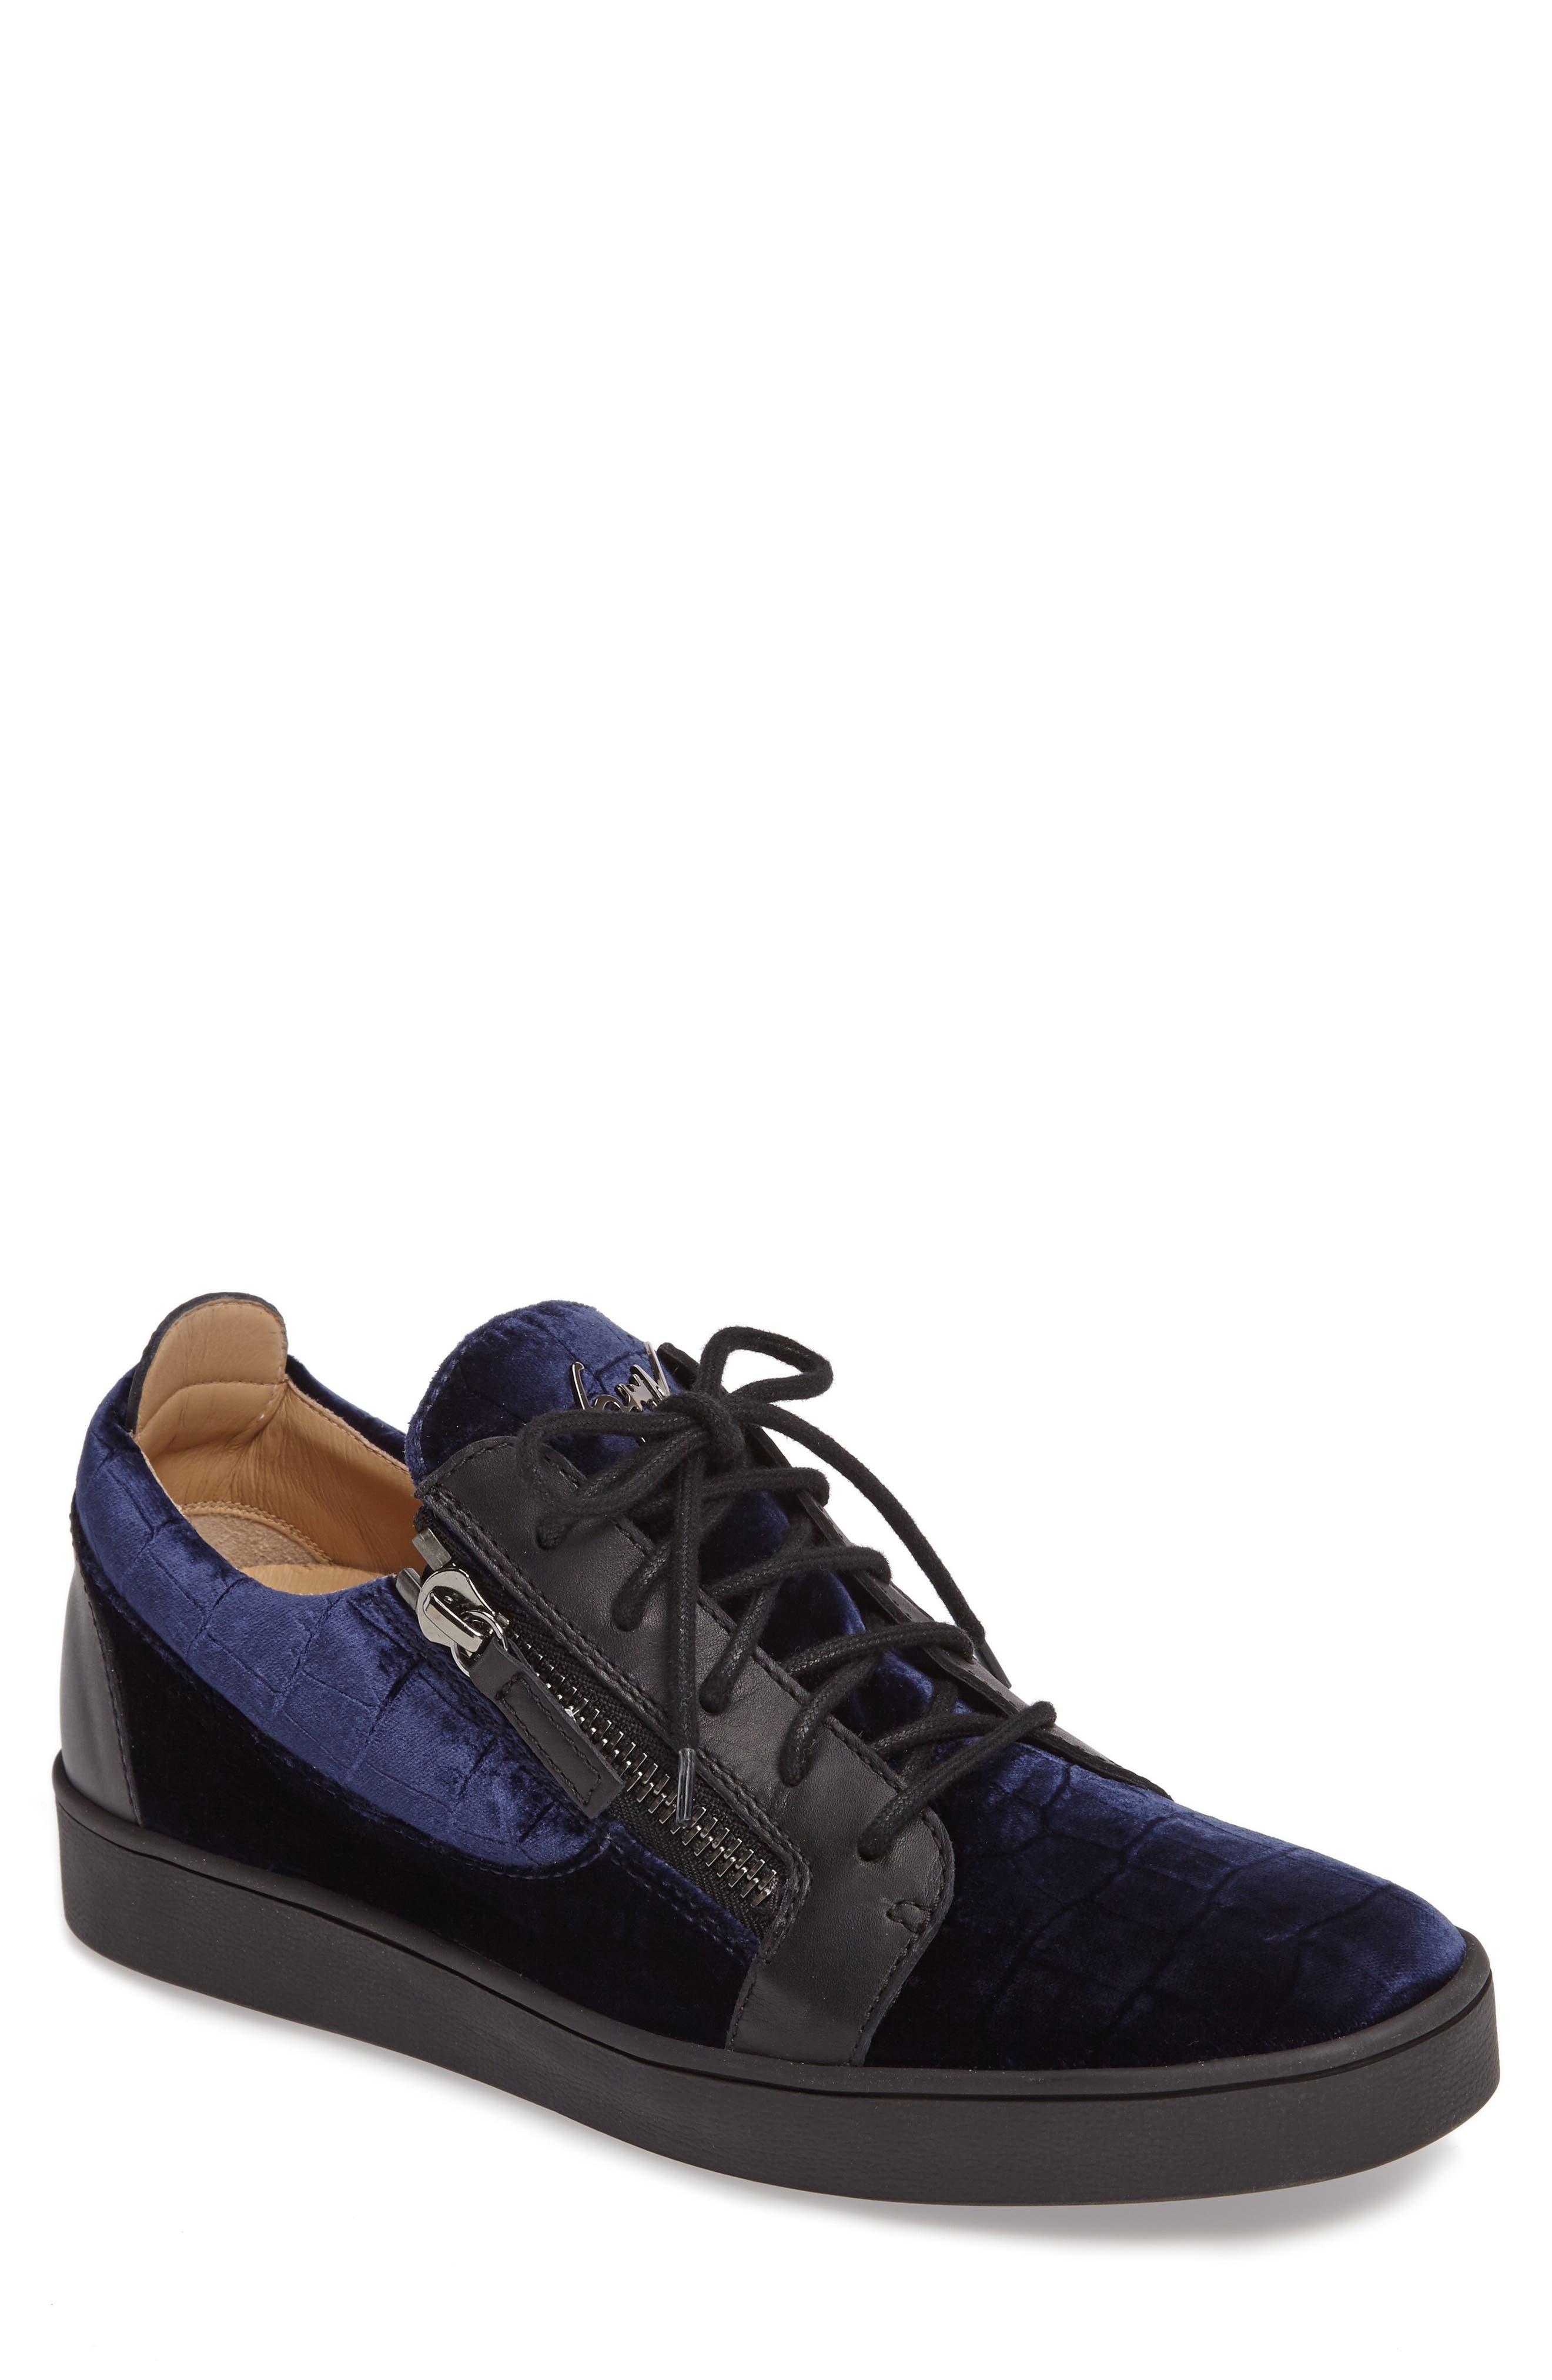 Low Top Sneaker,                         Main,                         color, Navy